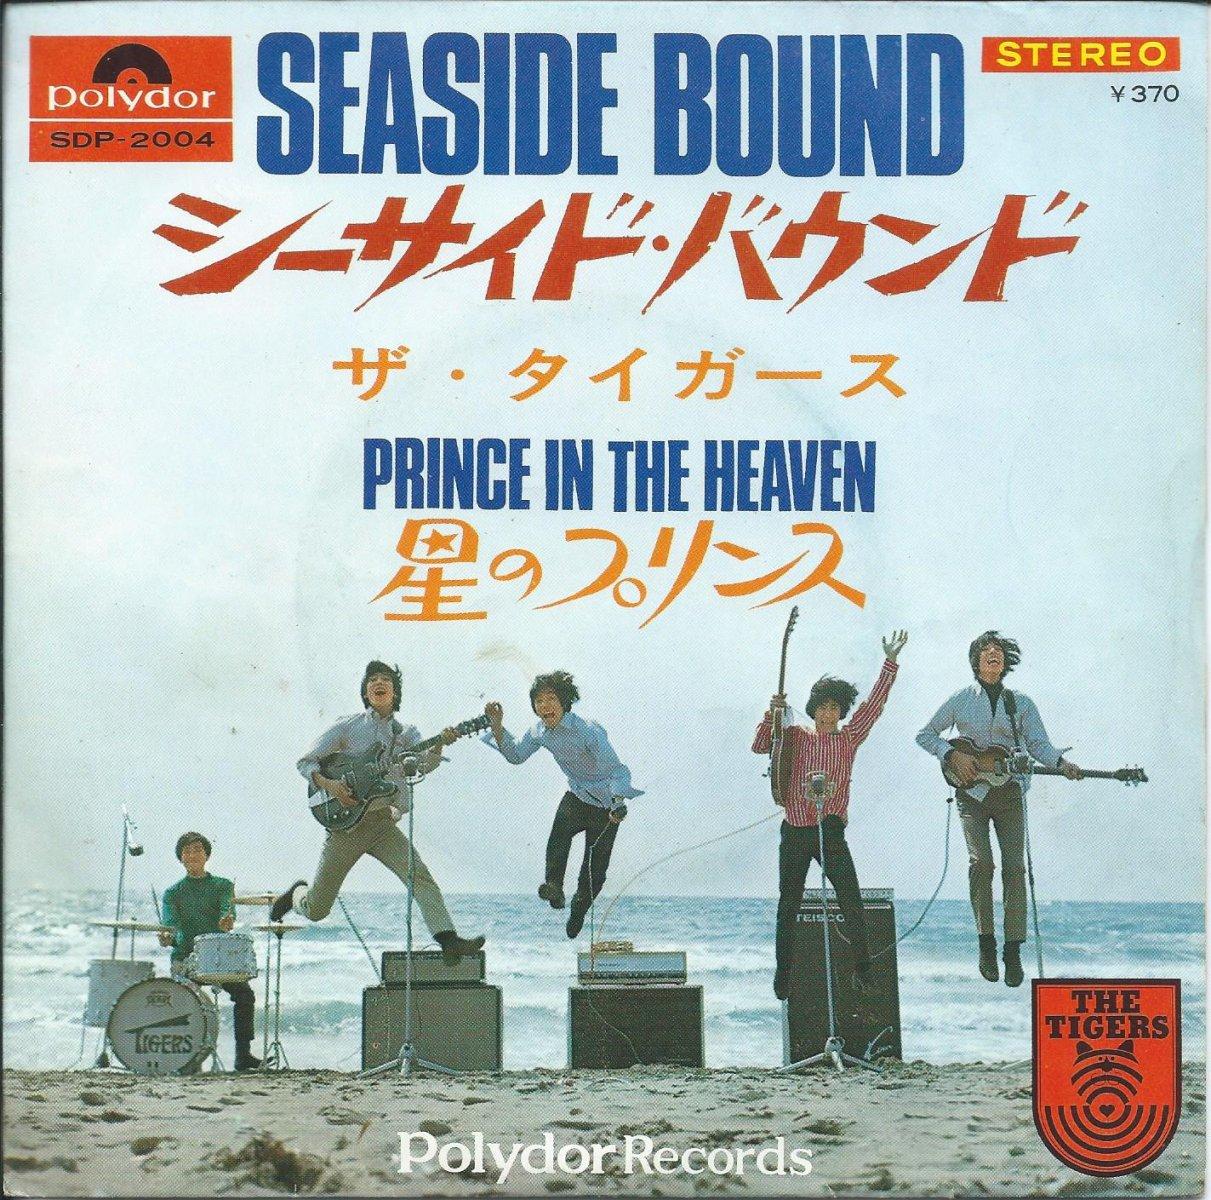 ザ・タイガース / シーサイド・バウンド SEASIDE BOUND / 星のプリンス PRINCE IN THE HEAVEN (7